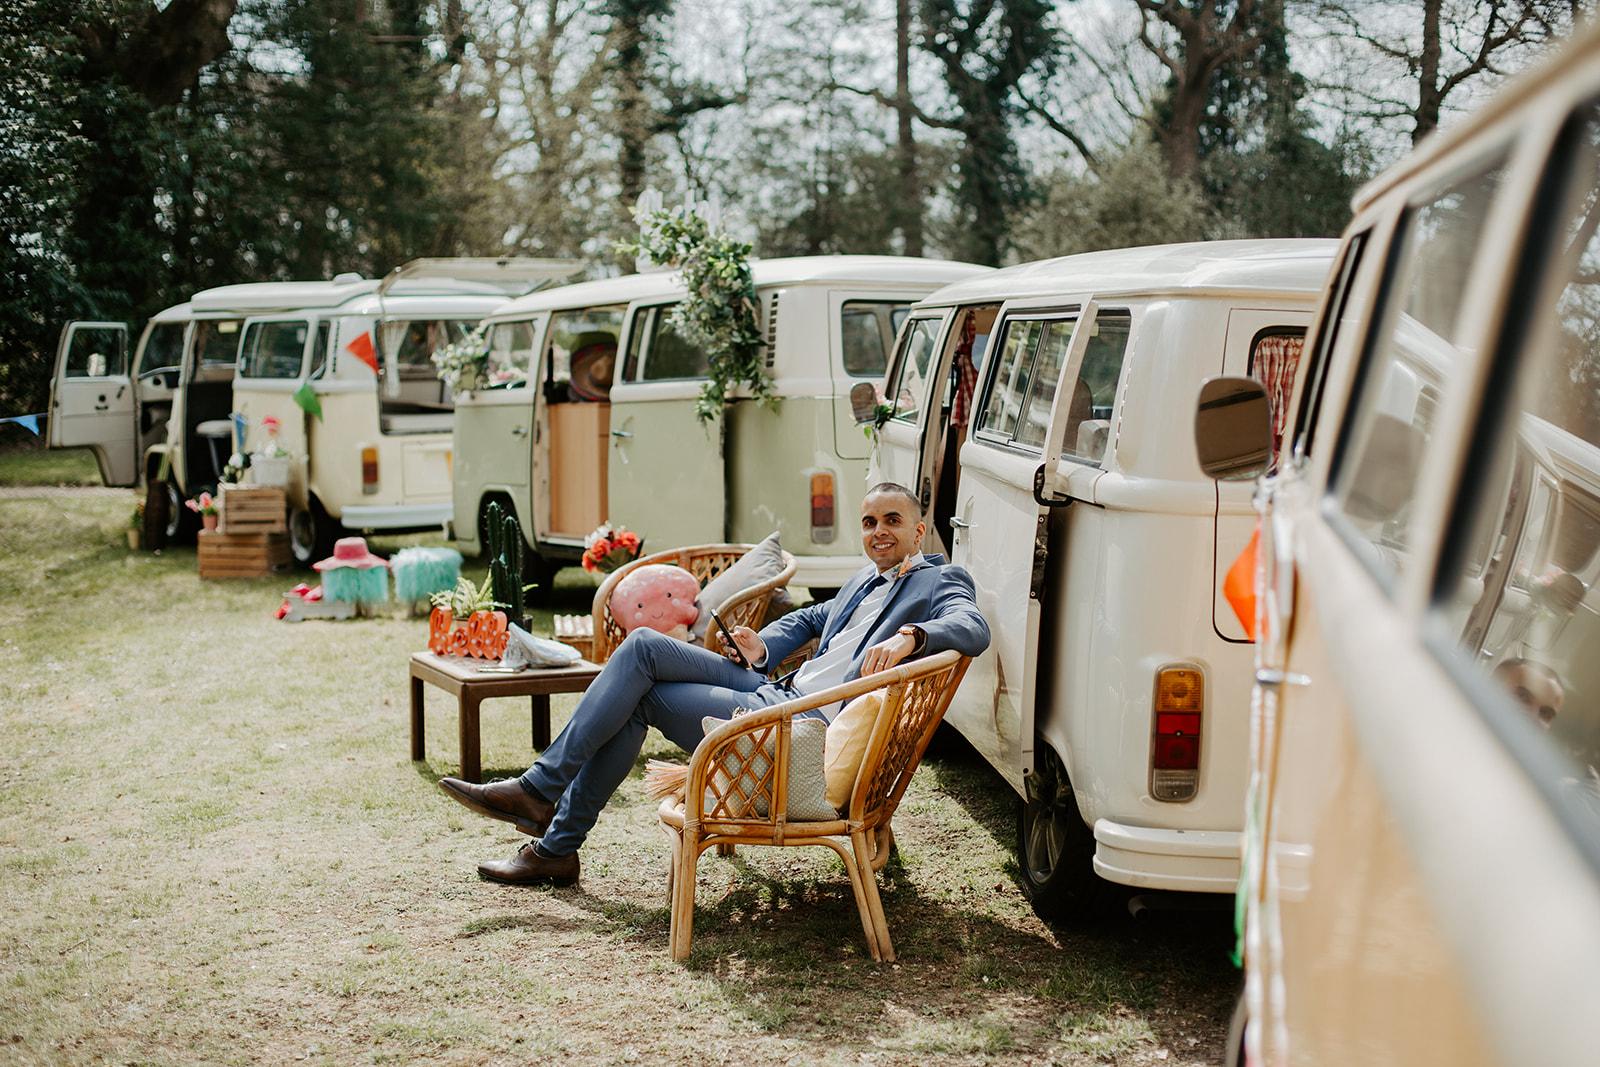 drive in wedding - camper van wedding - festival wedding ideas - unique micro wedding ideas